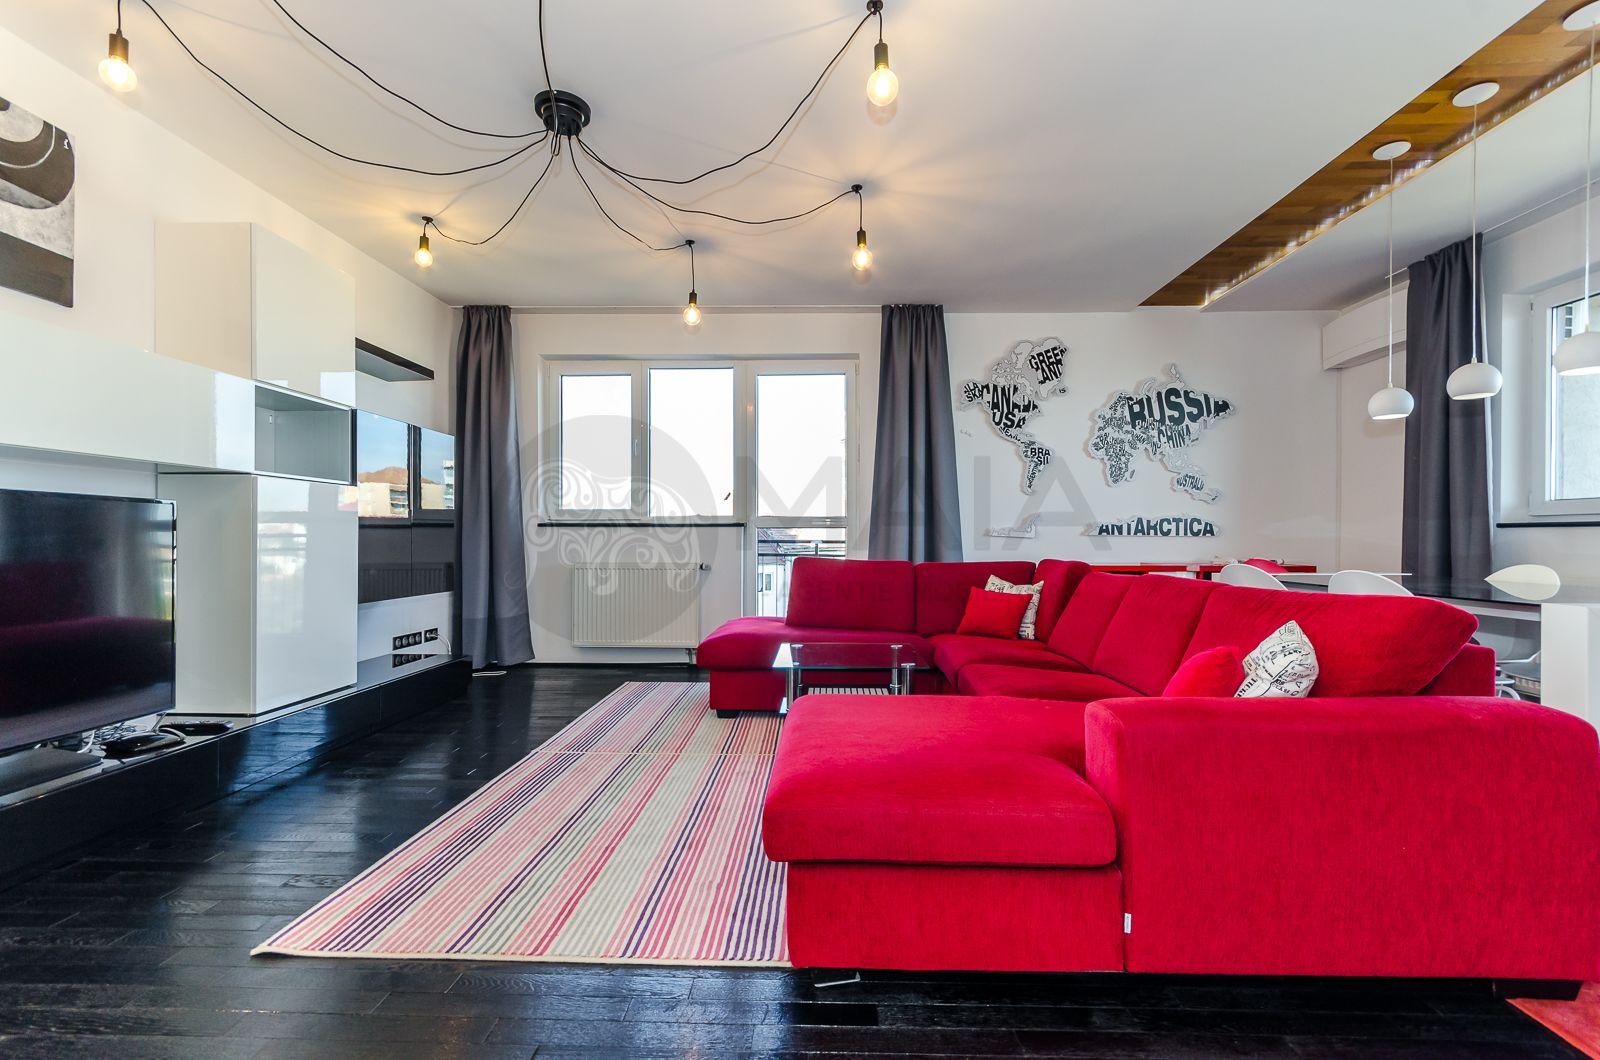 Apartament 4 camere, 2 bai, bloc nou, lift, zona Piata Rahovei